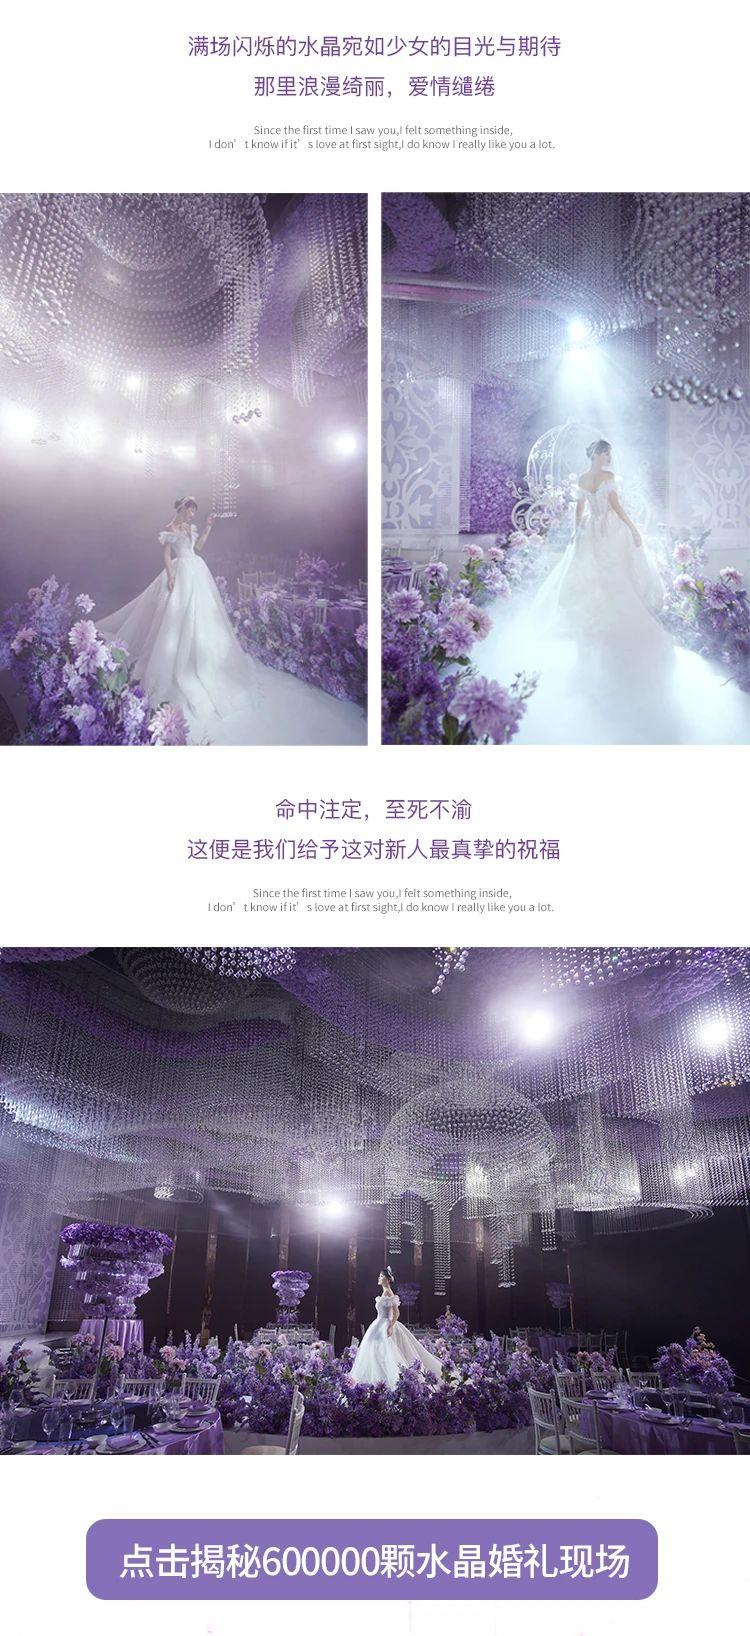 婚礼堂发布:600000颗水晶!花嫁丽舍《水晶卢浮宫》  第7张